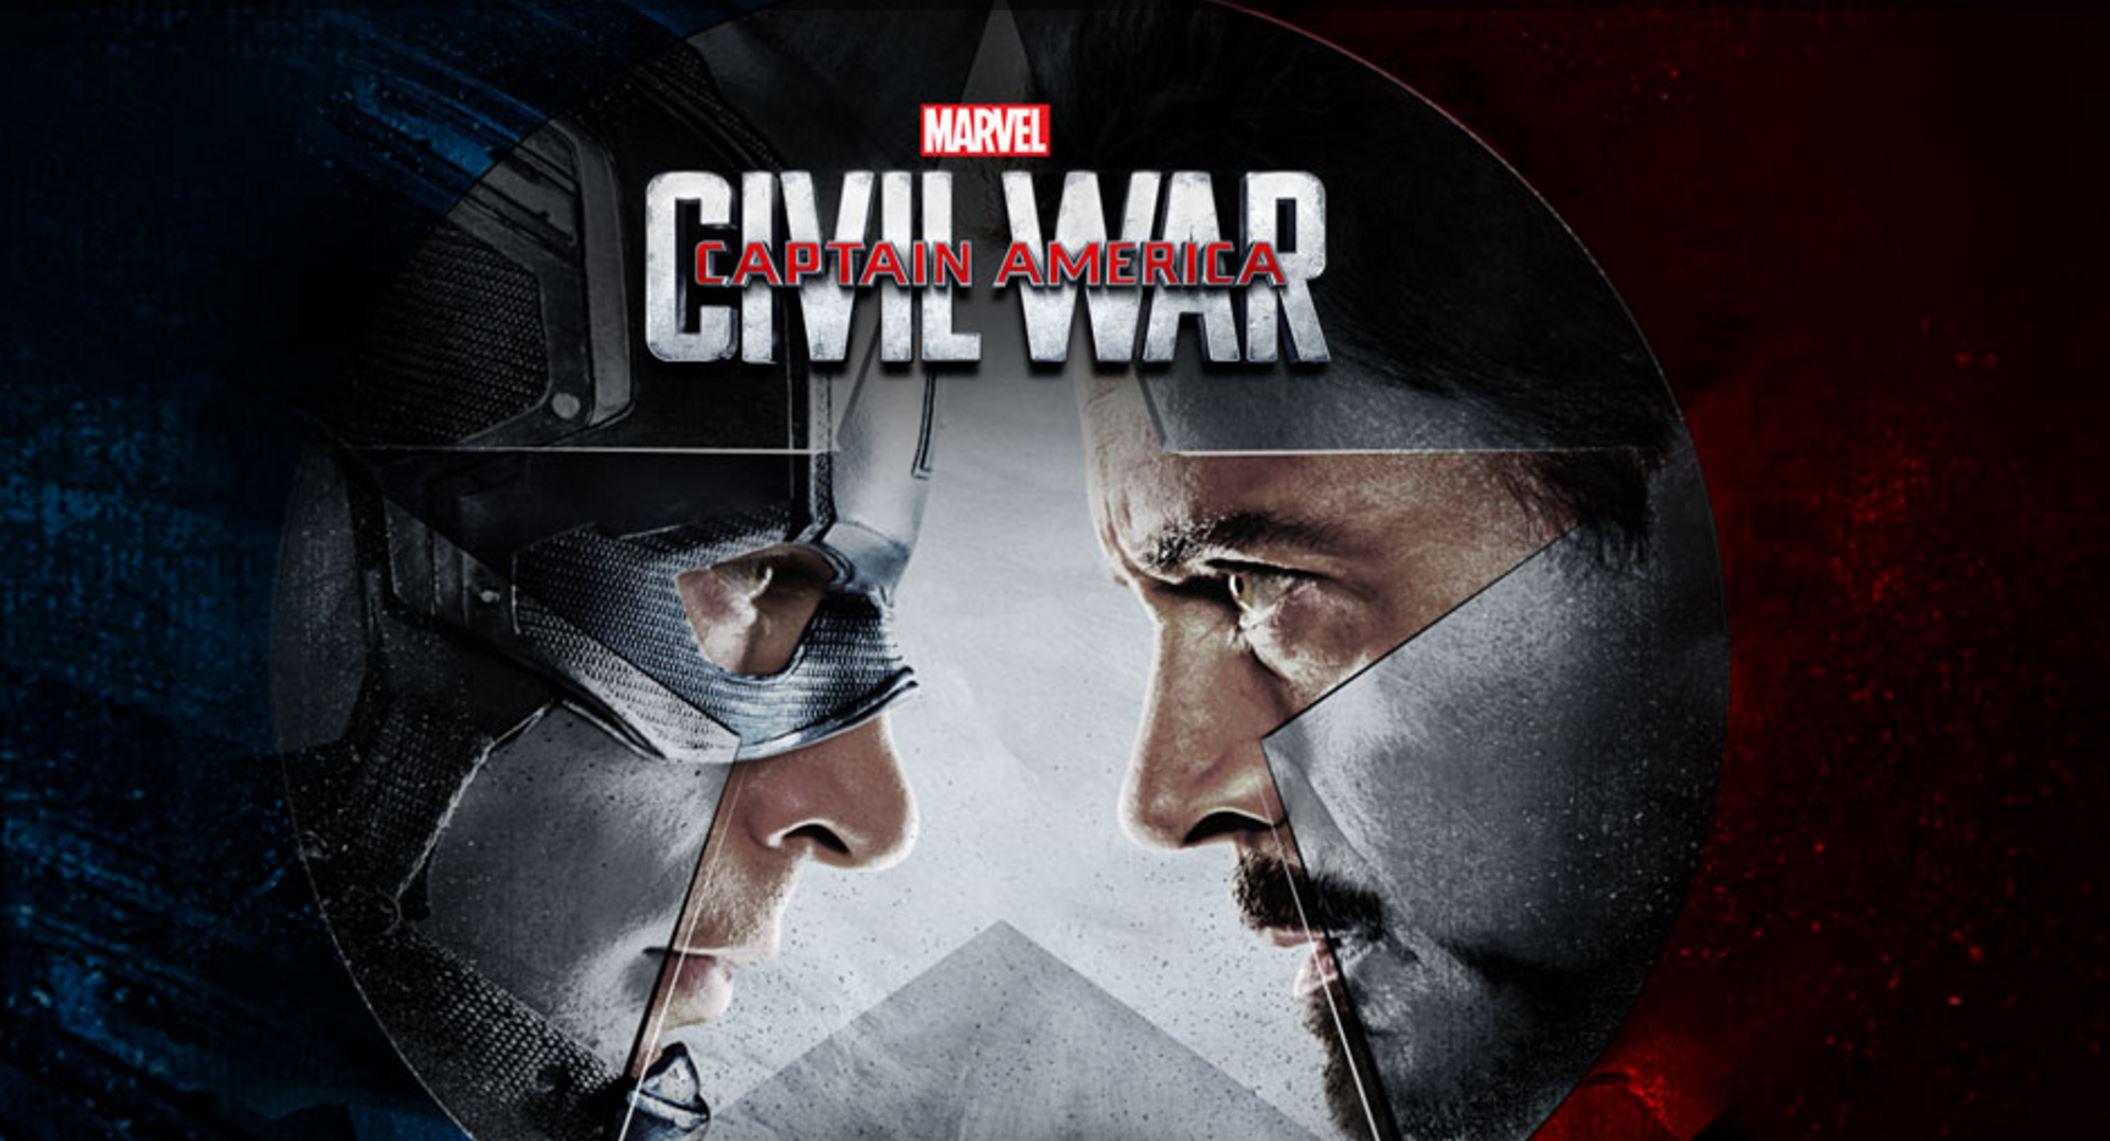 نگاه منتقد ورایتی به «کاپیتان آمریکا: جنگ داخلی»